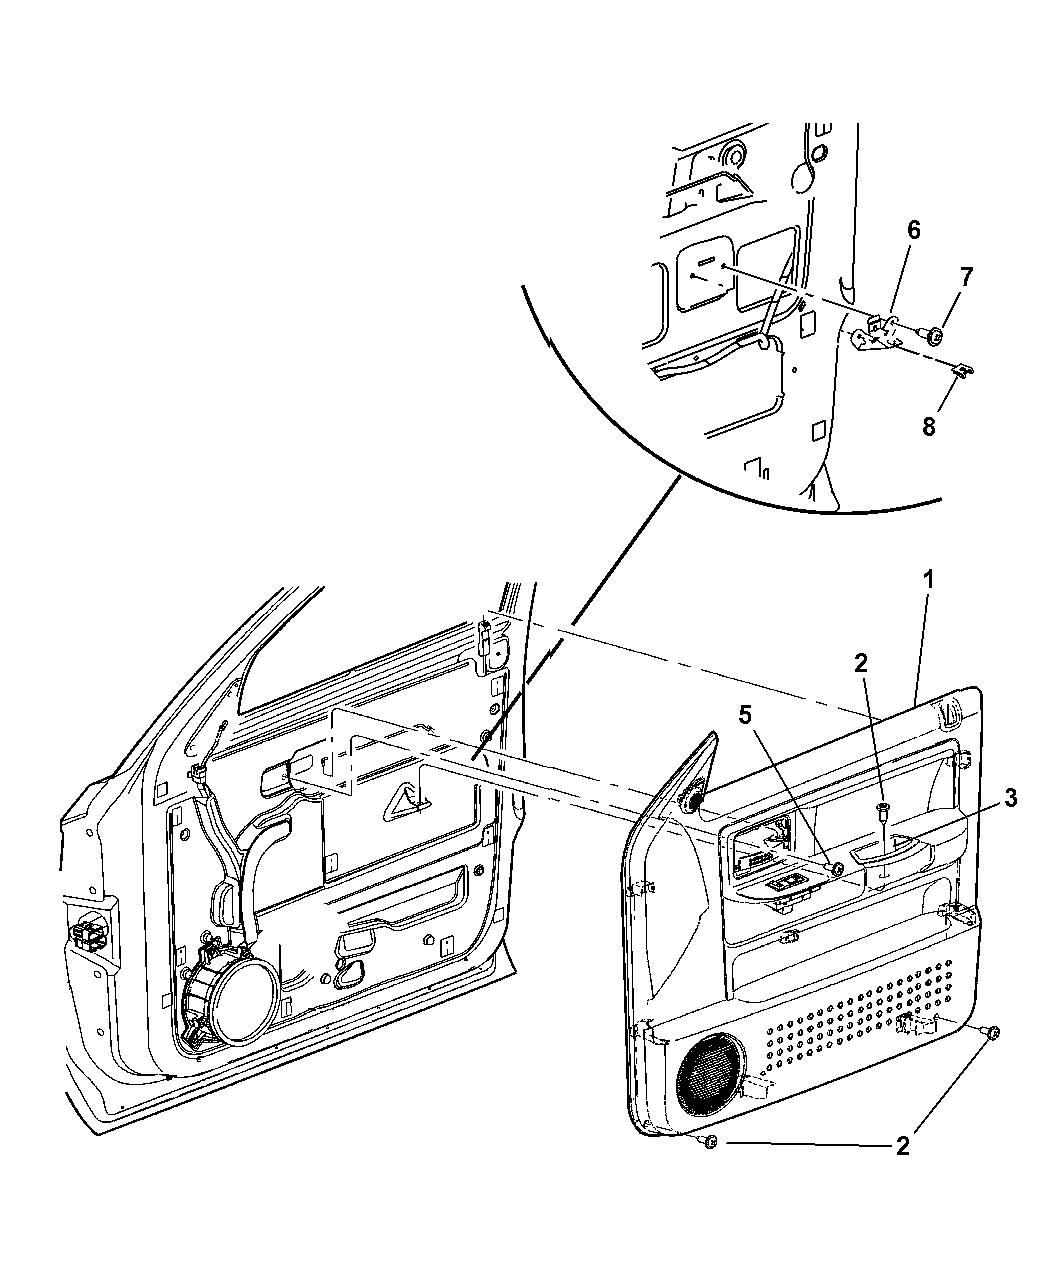 5HR031D5AC - Genuine Dodge PANEL-FRONT DOOR TRIM